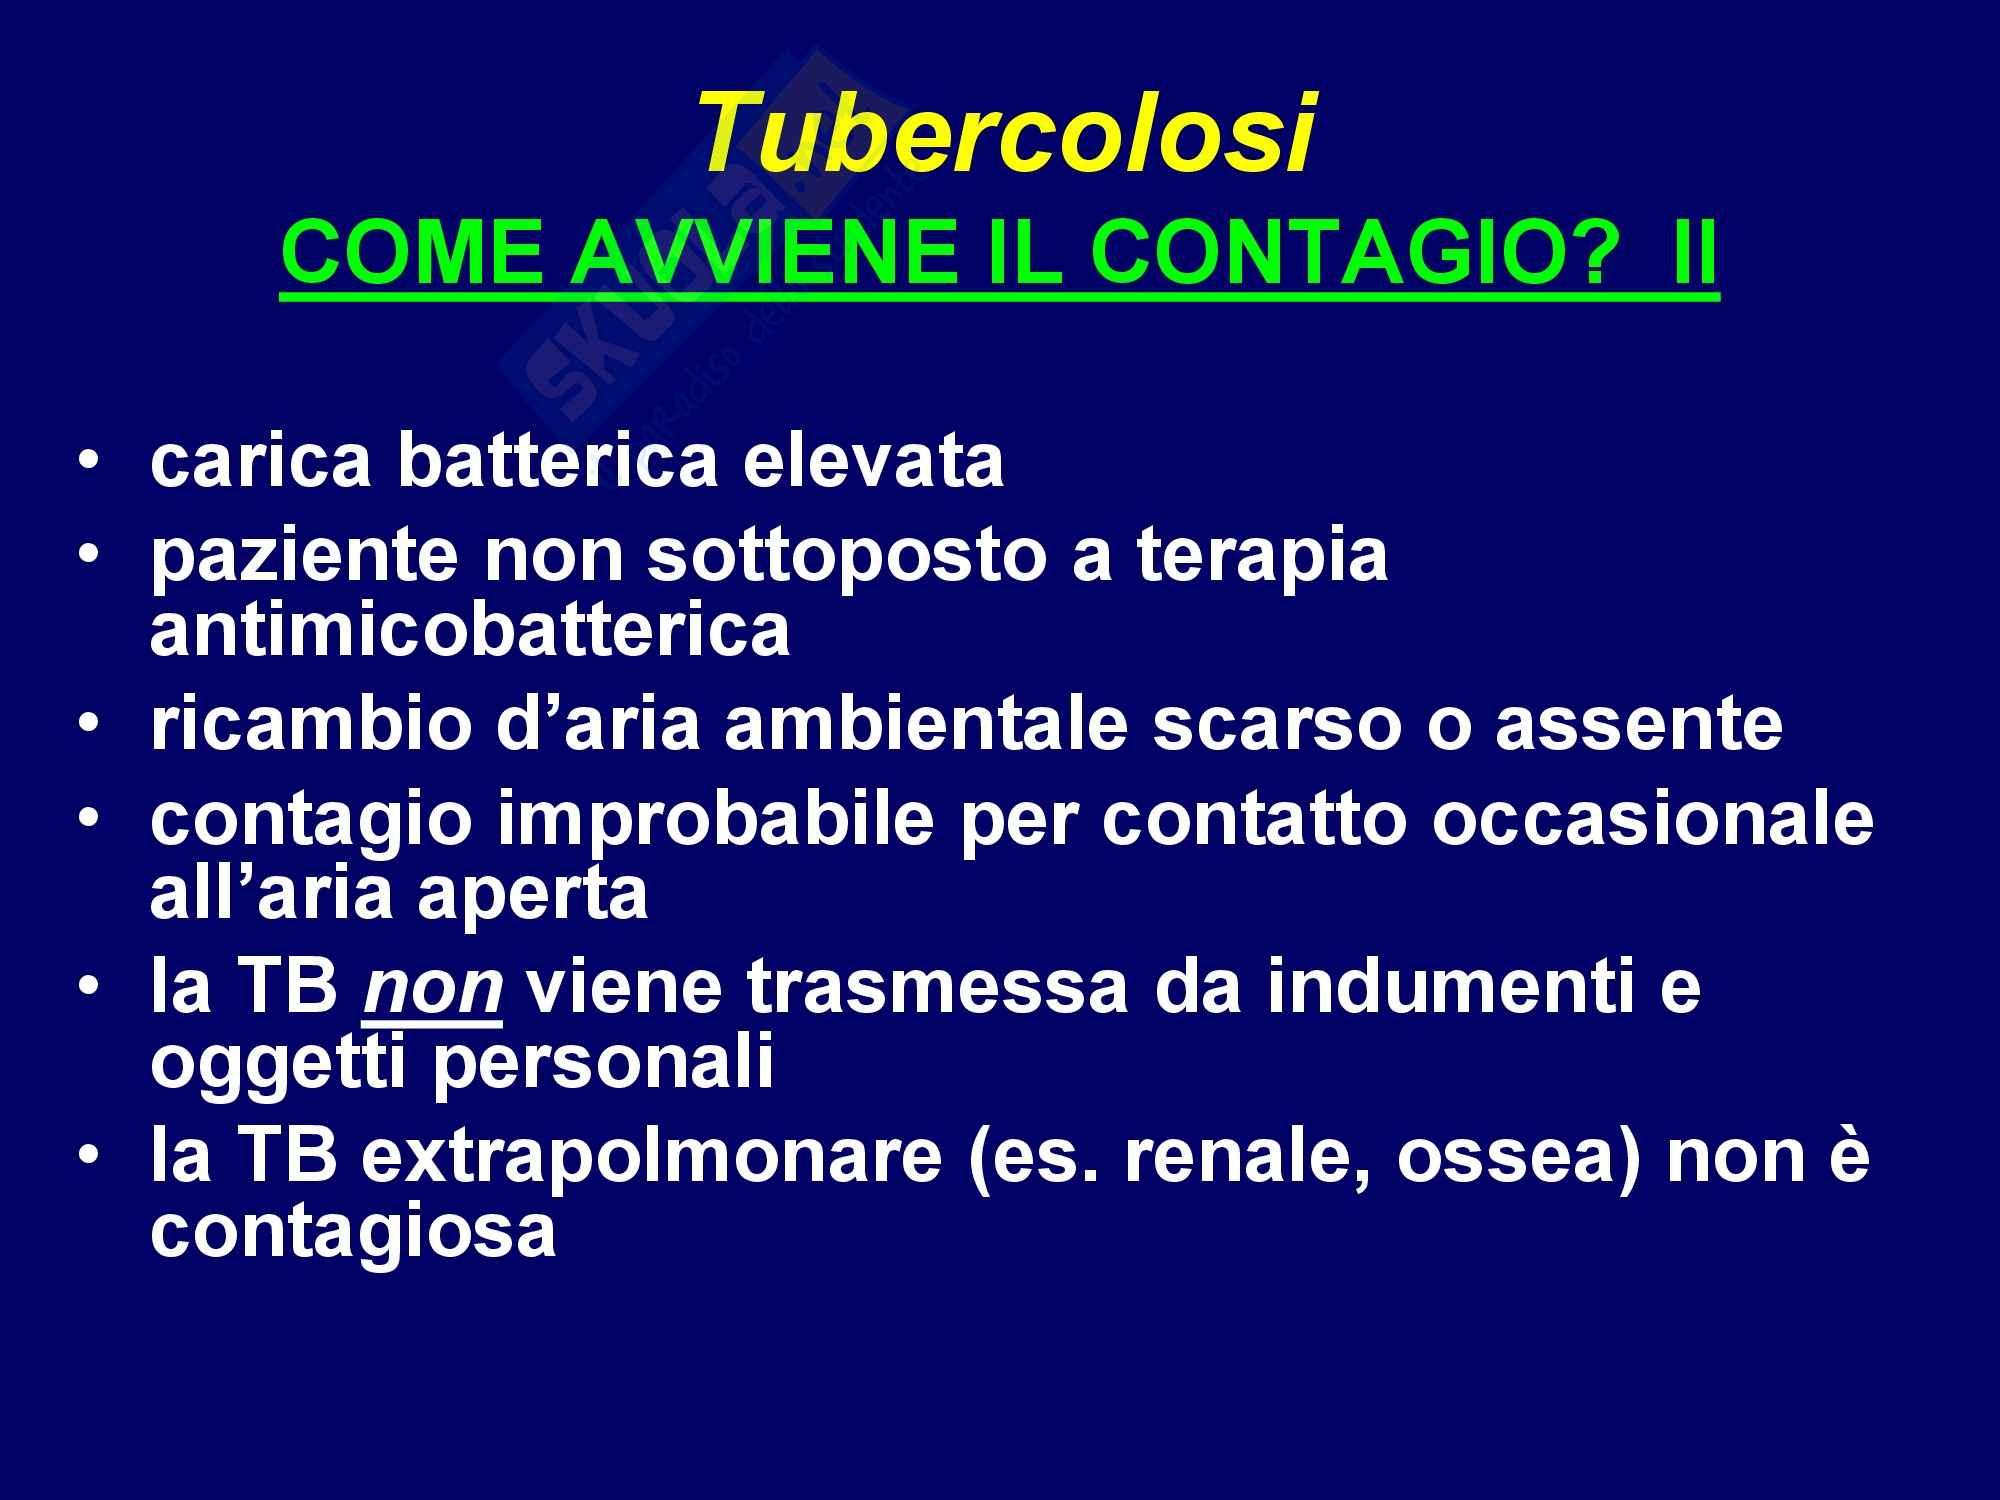 TBC - Tubercolosi polmonare Pag. 11